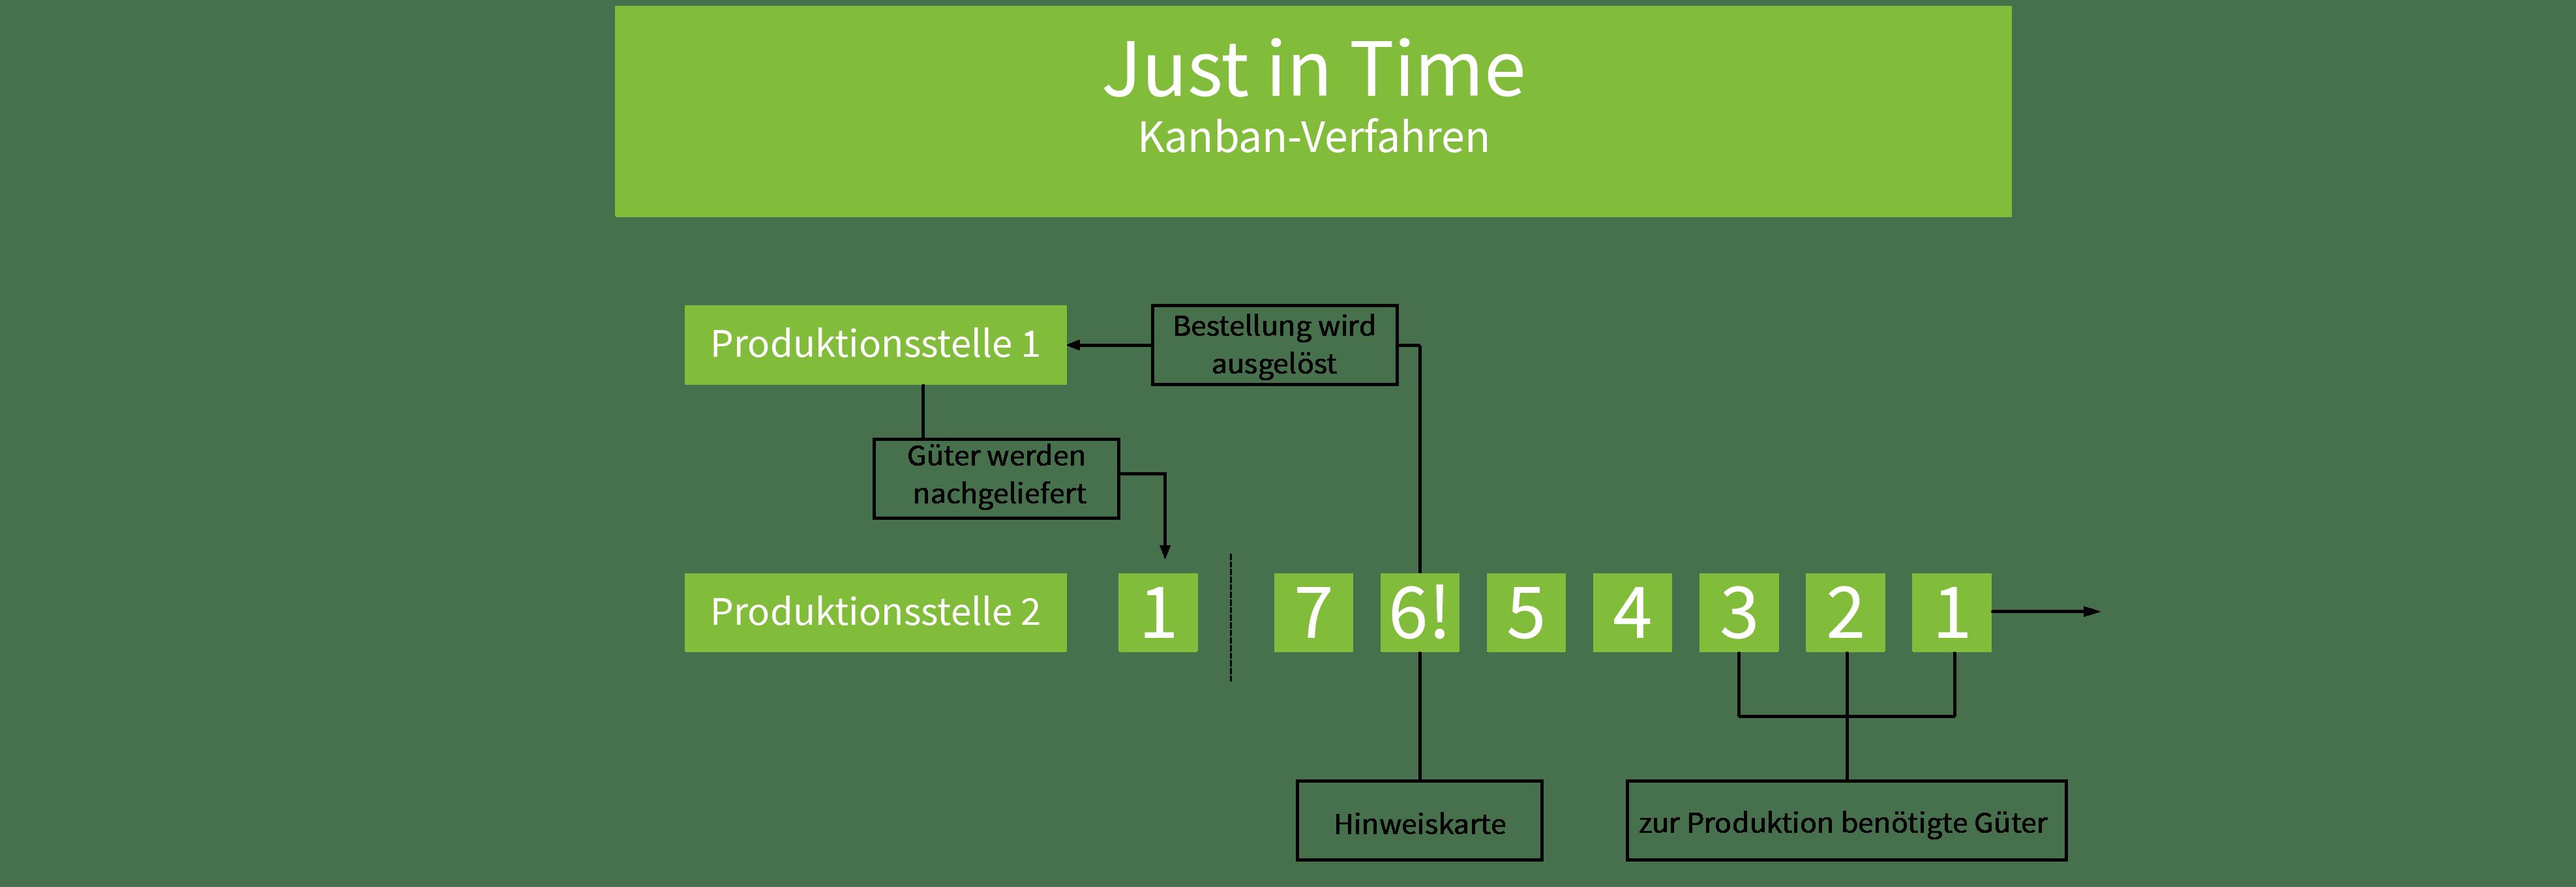 Erklärgrafik mit einer Darstellung des Just-in-Time-Prinzips